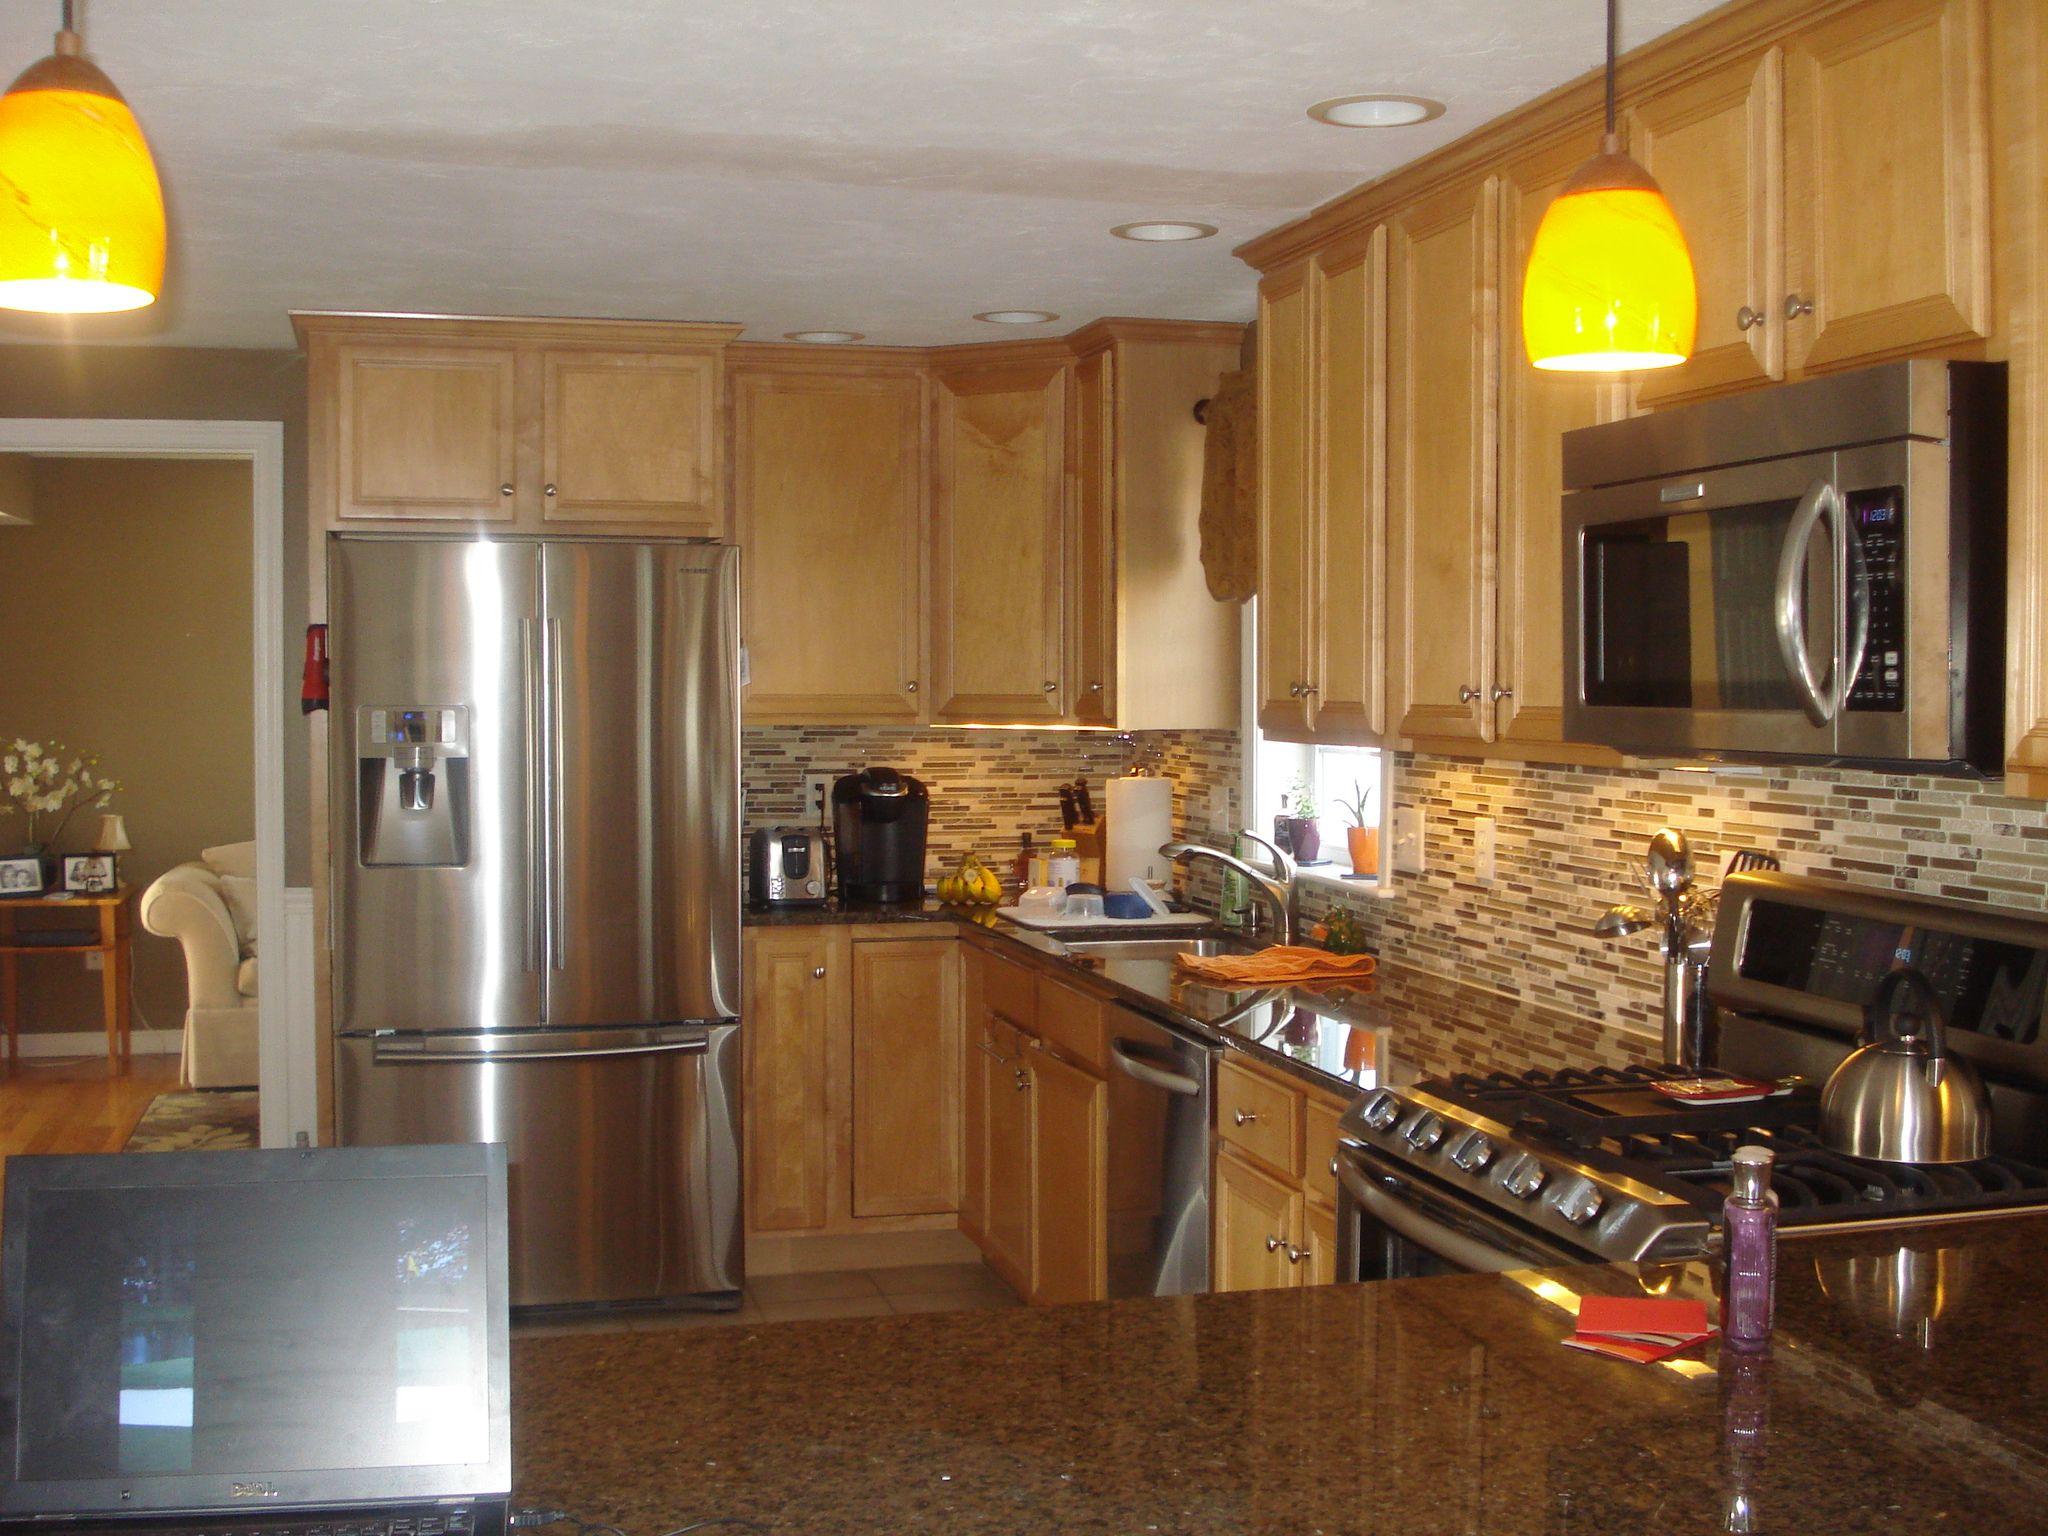 Updateing A Kitchen On A Moderate Budget Kitchen Kitchen Care Kitchen Renovation